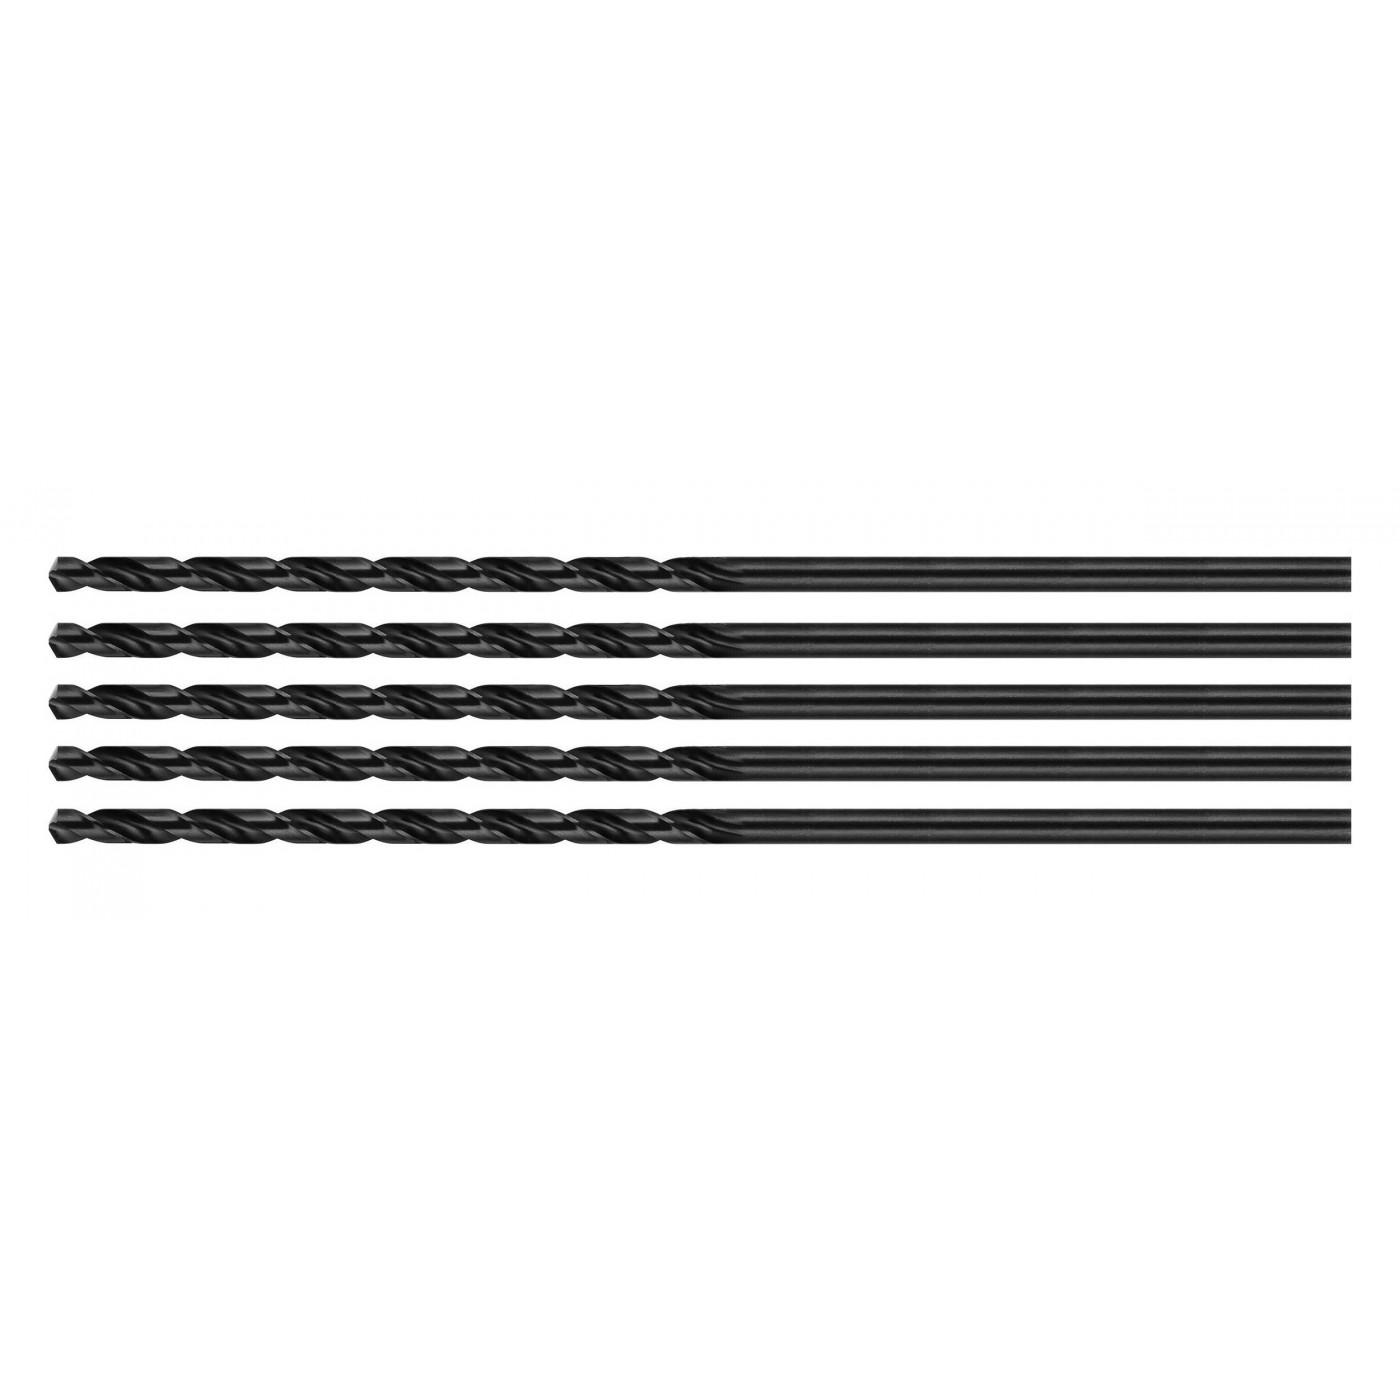 Set van 5 metaalboren, extra lang (3.5x300 mm)  - 1